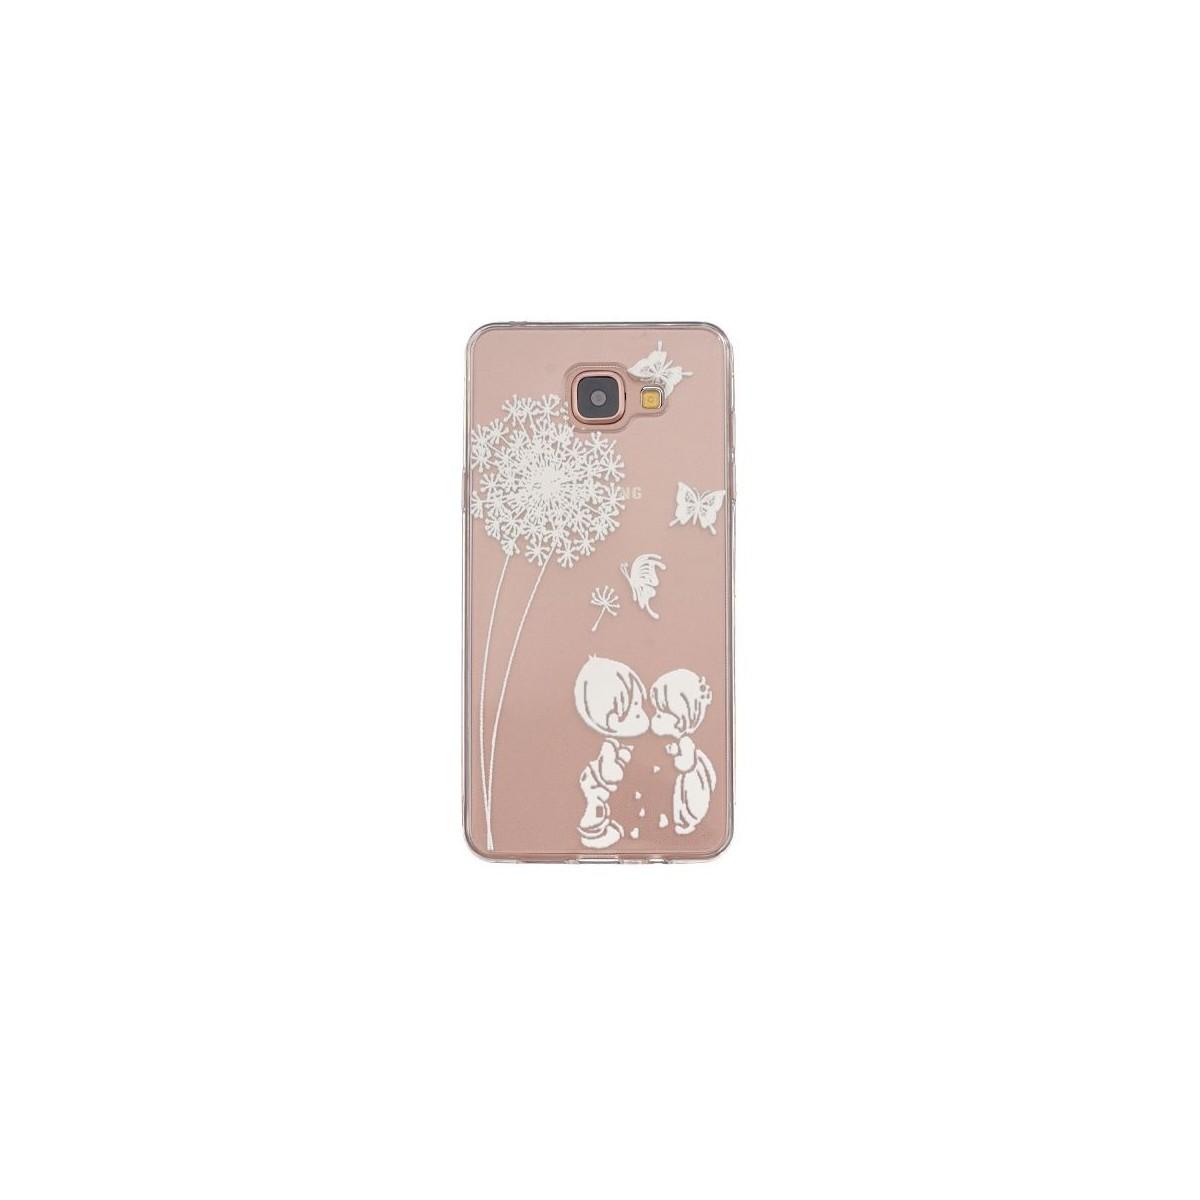 Coque Galaxy A3 (2016) Transparente souple motif Fleurs et Papillons blancs - Crazy Kase